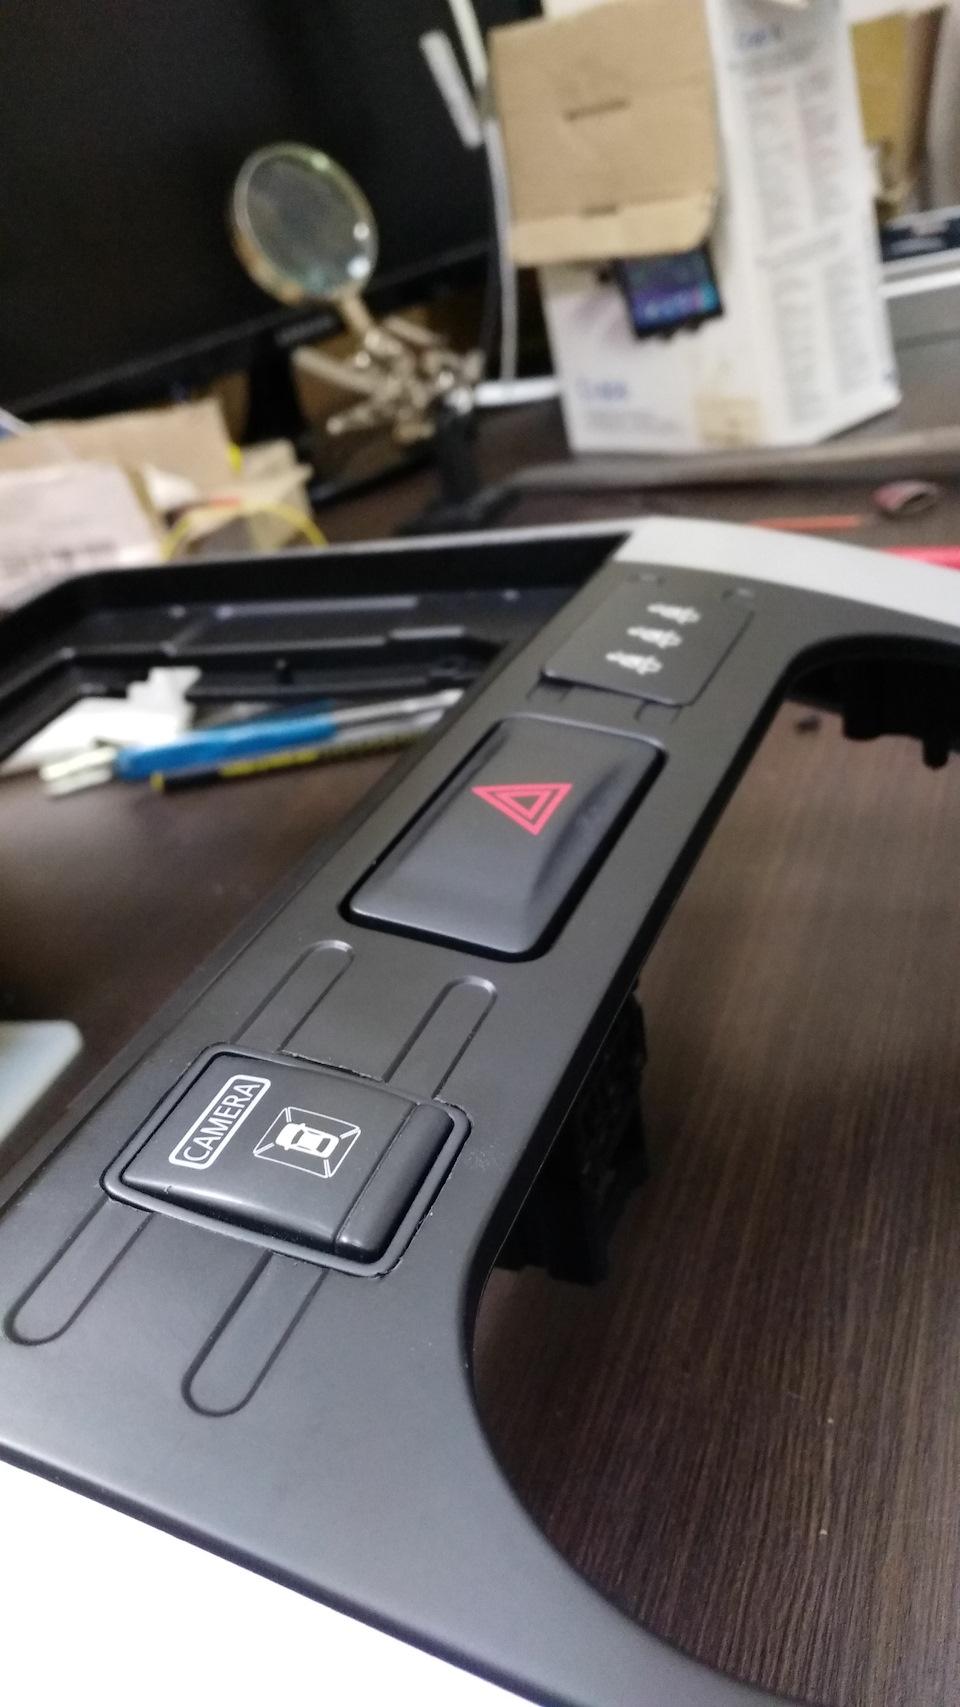 TAAAAgMmTOA-960.jpg